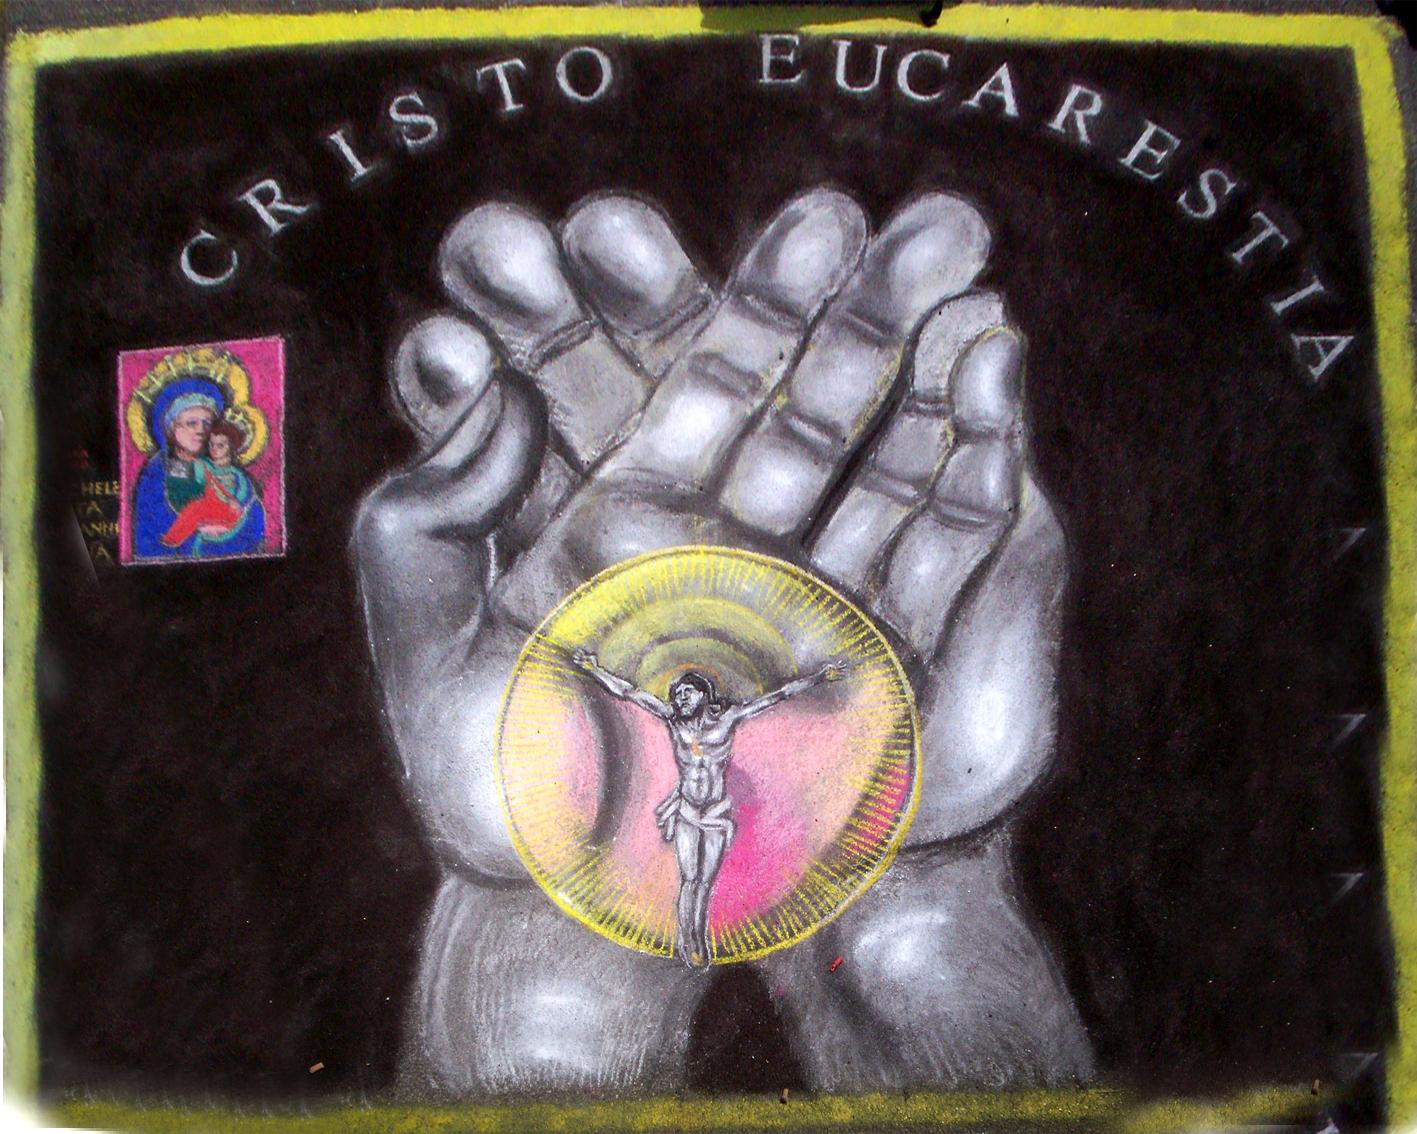 2006 Cristo Eucarestia